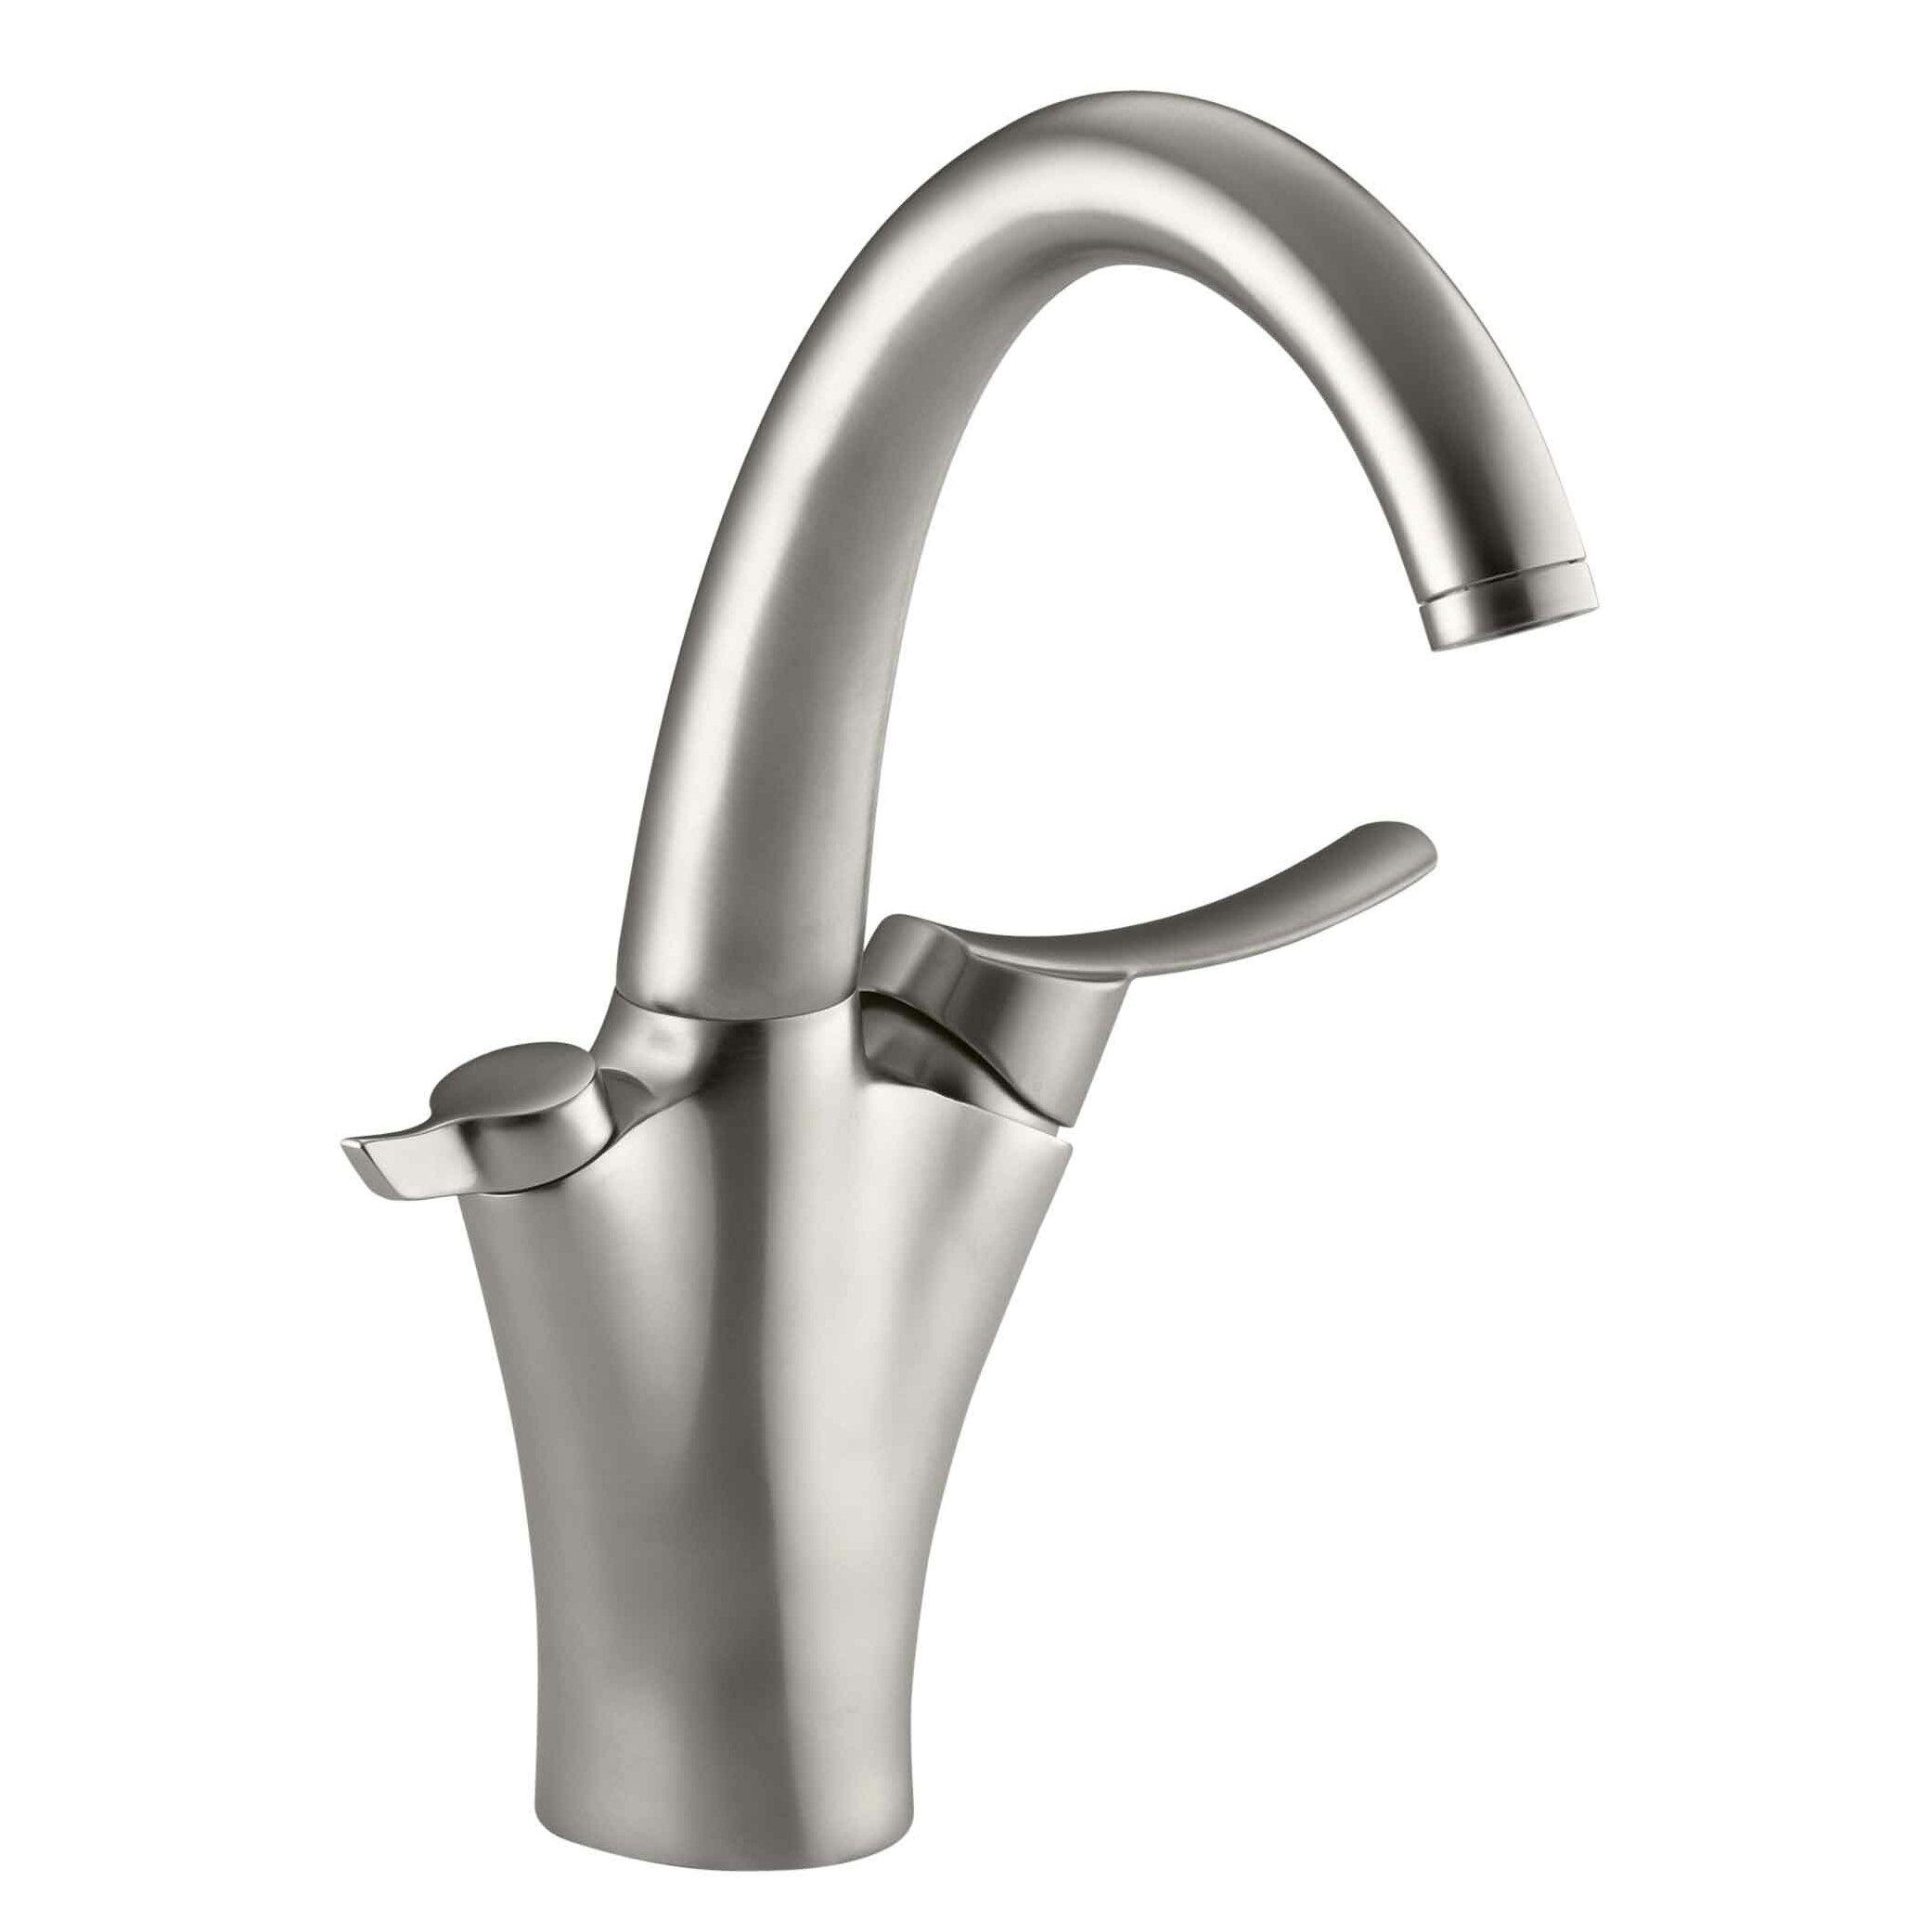 Kohler Carafe Filtered Water Kitchen Sink Faucet Reviews Wayfair